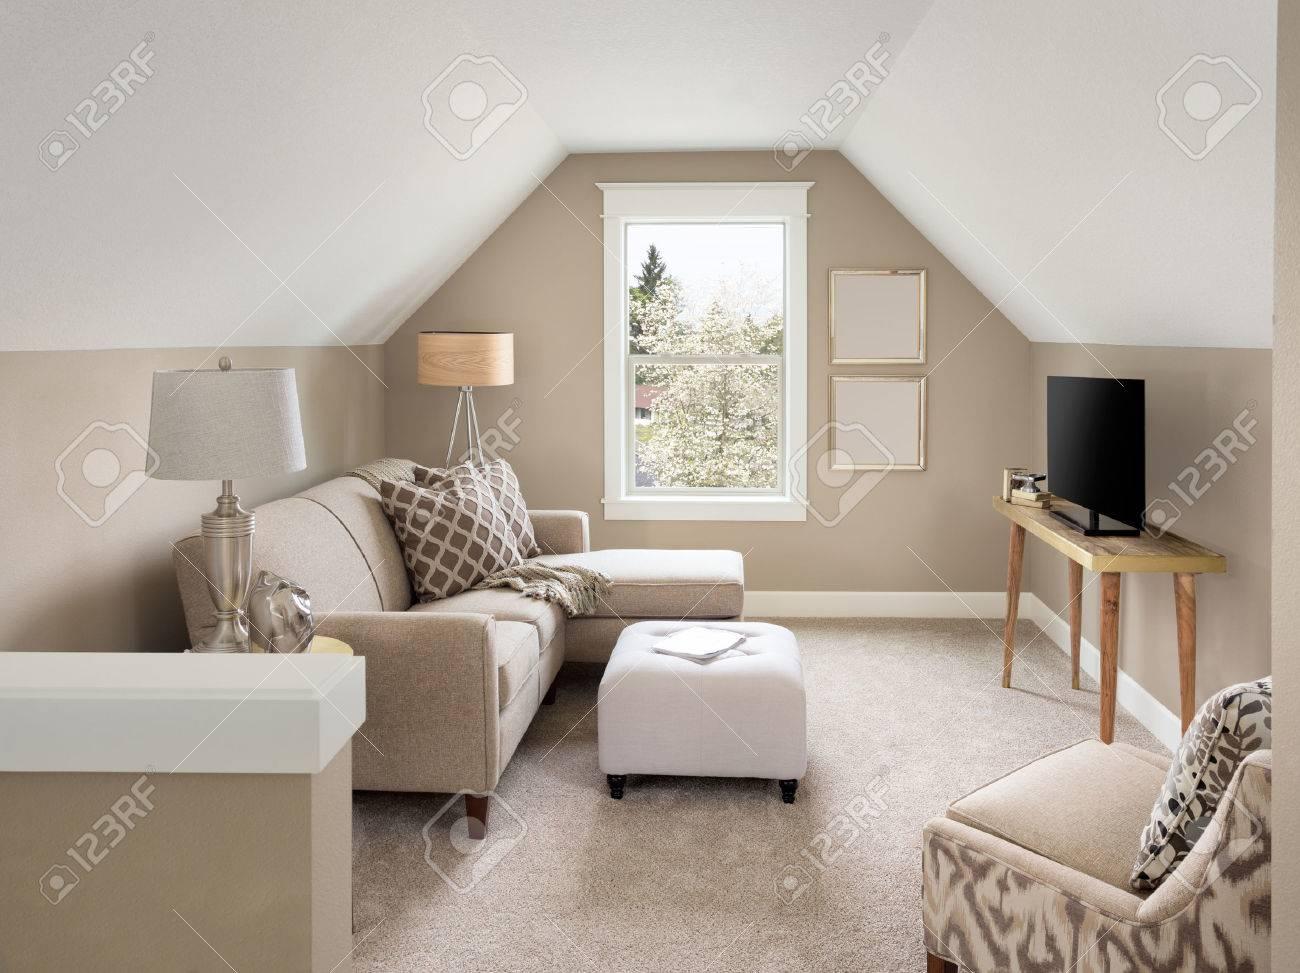 Schöne Kleine Wohnzimmer Innenraum Und Dachboden In Der Neuen Heimat ...